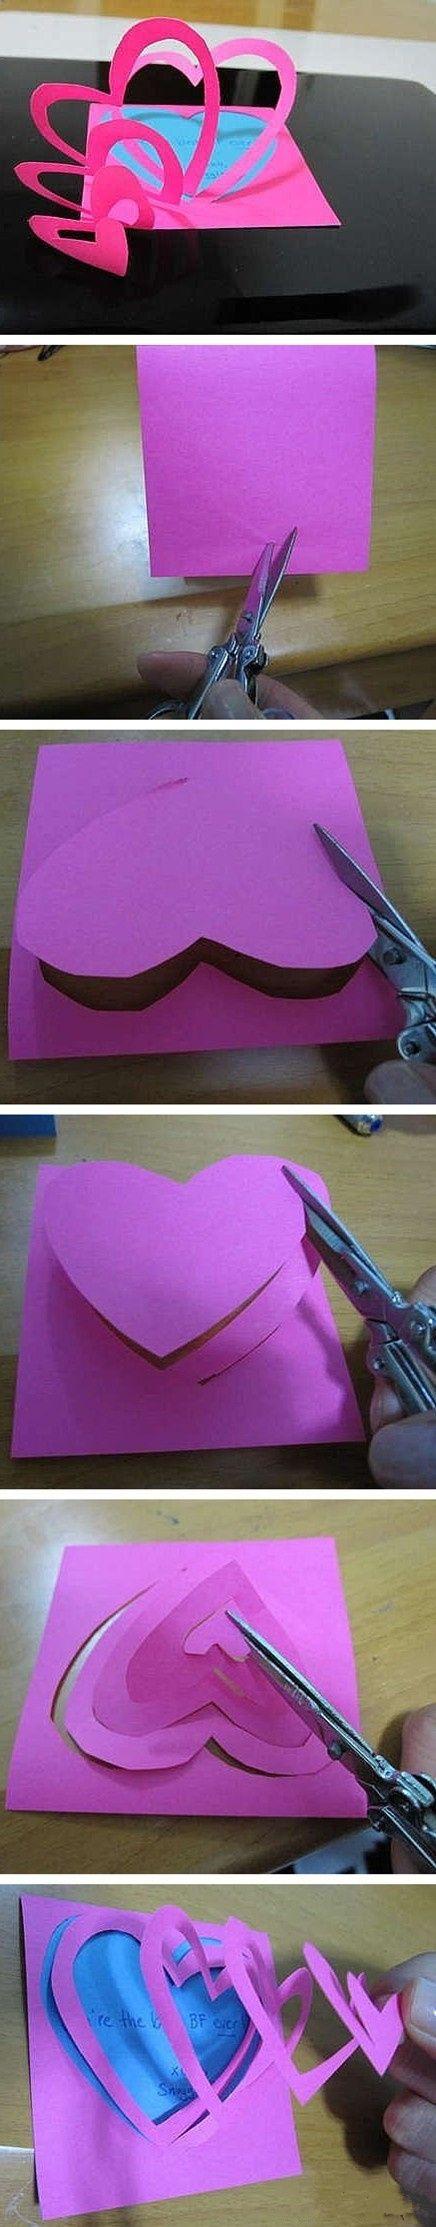 手工作品——————心裡話 make a personal greeting card they will remember!